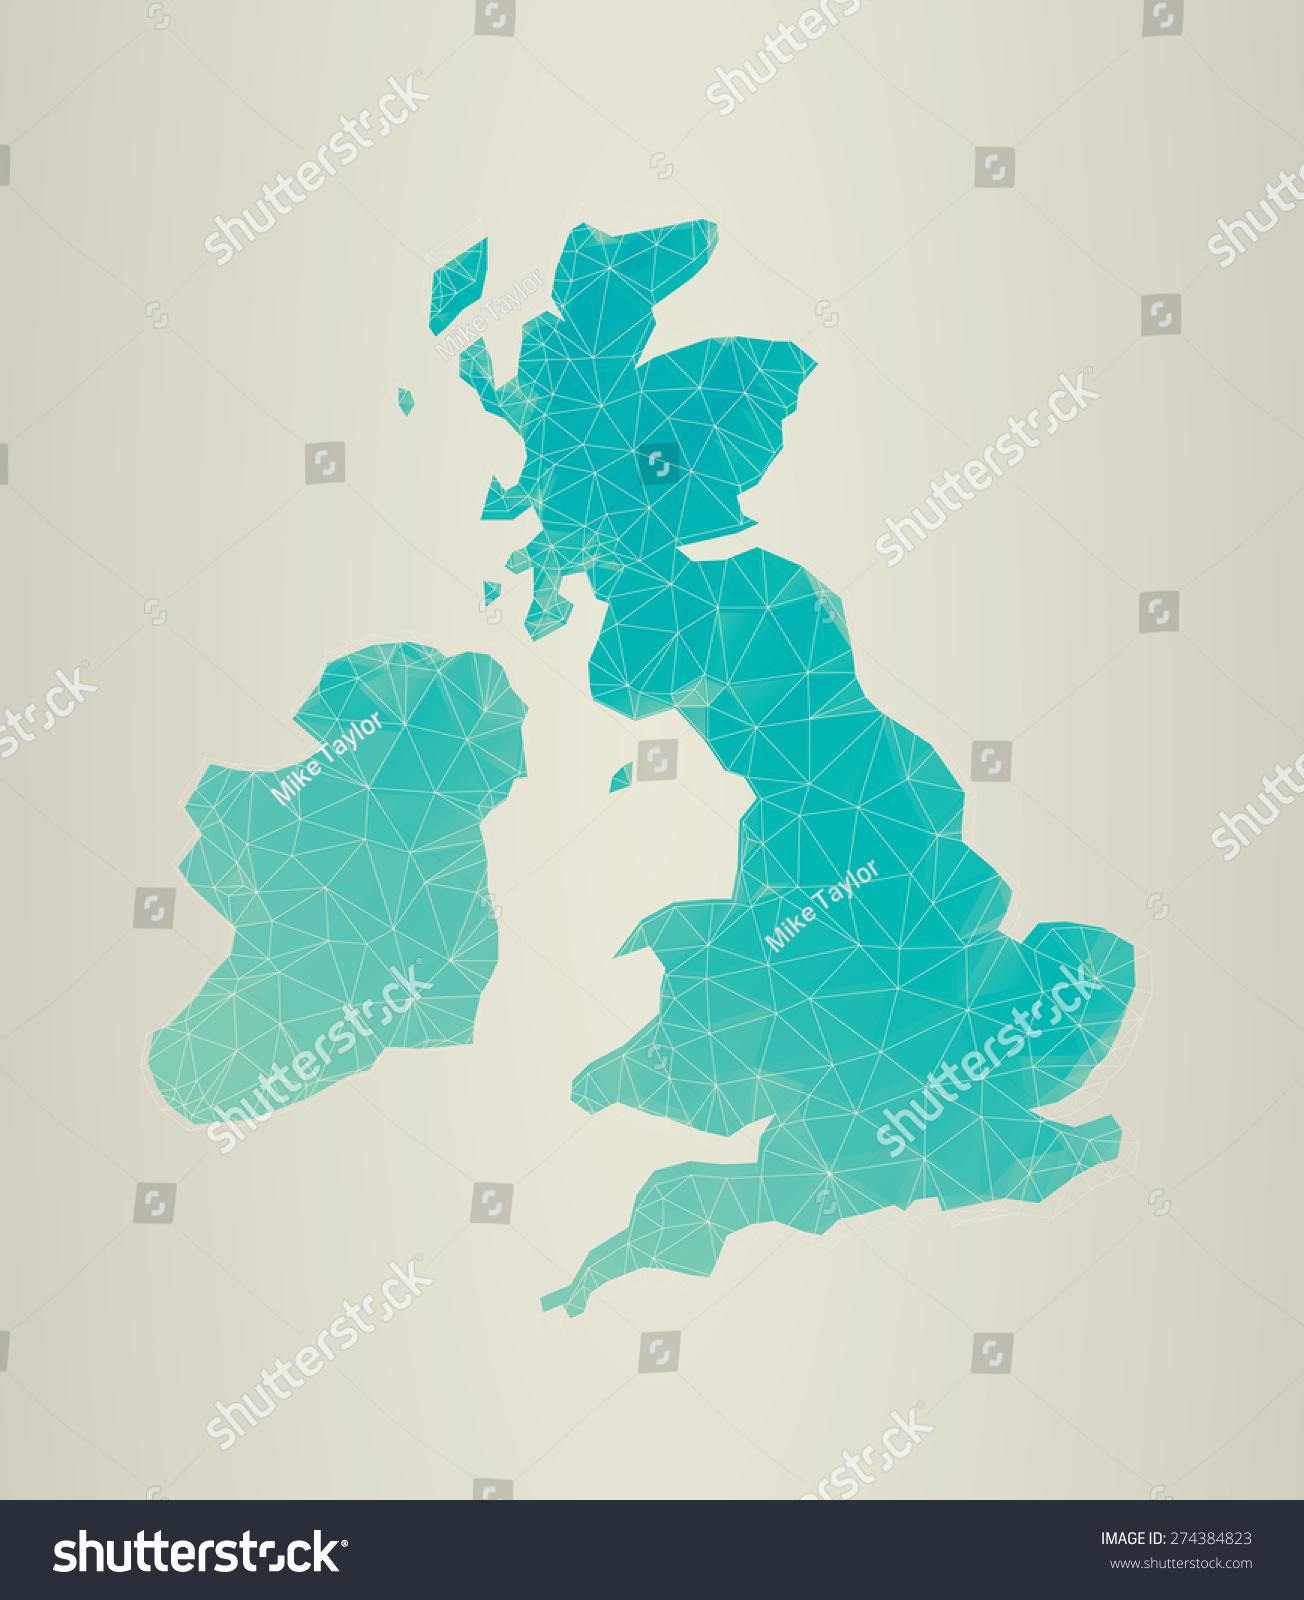 不列颠群岛的多边形向量-符号/标志